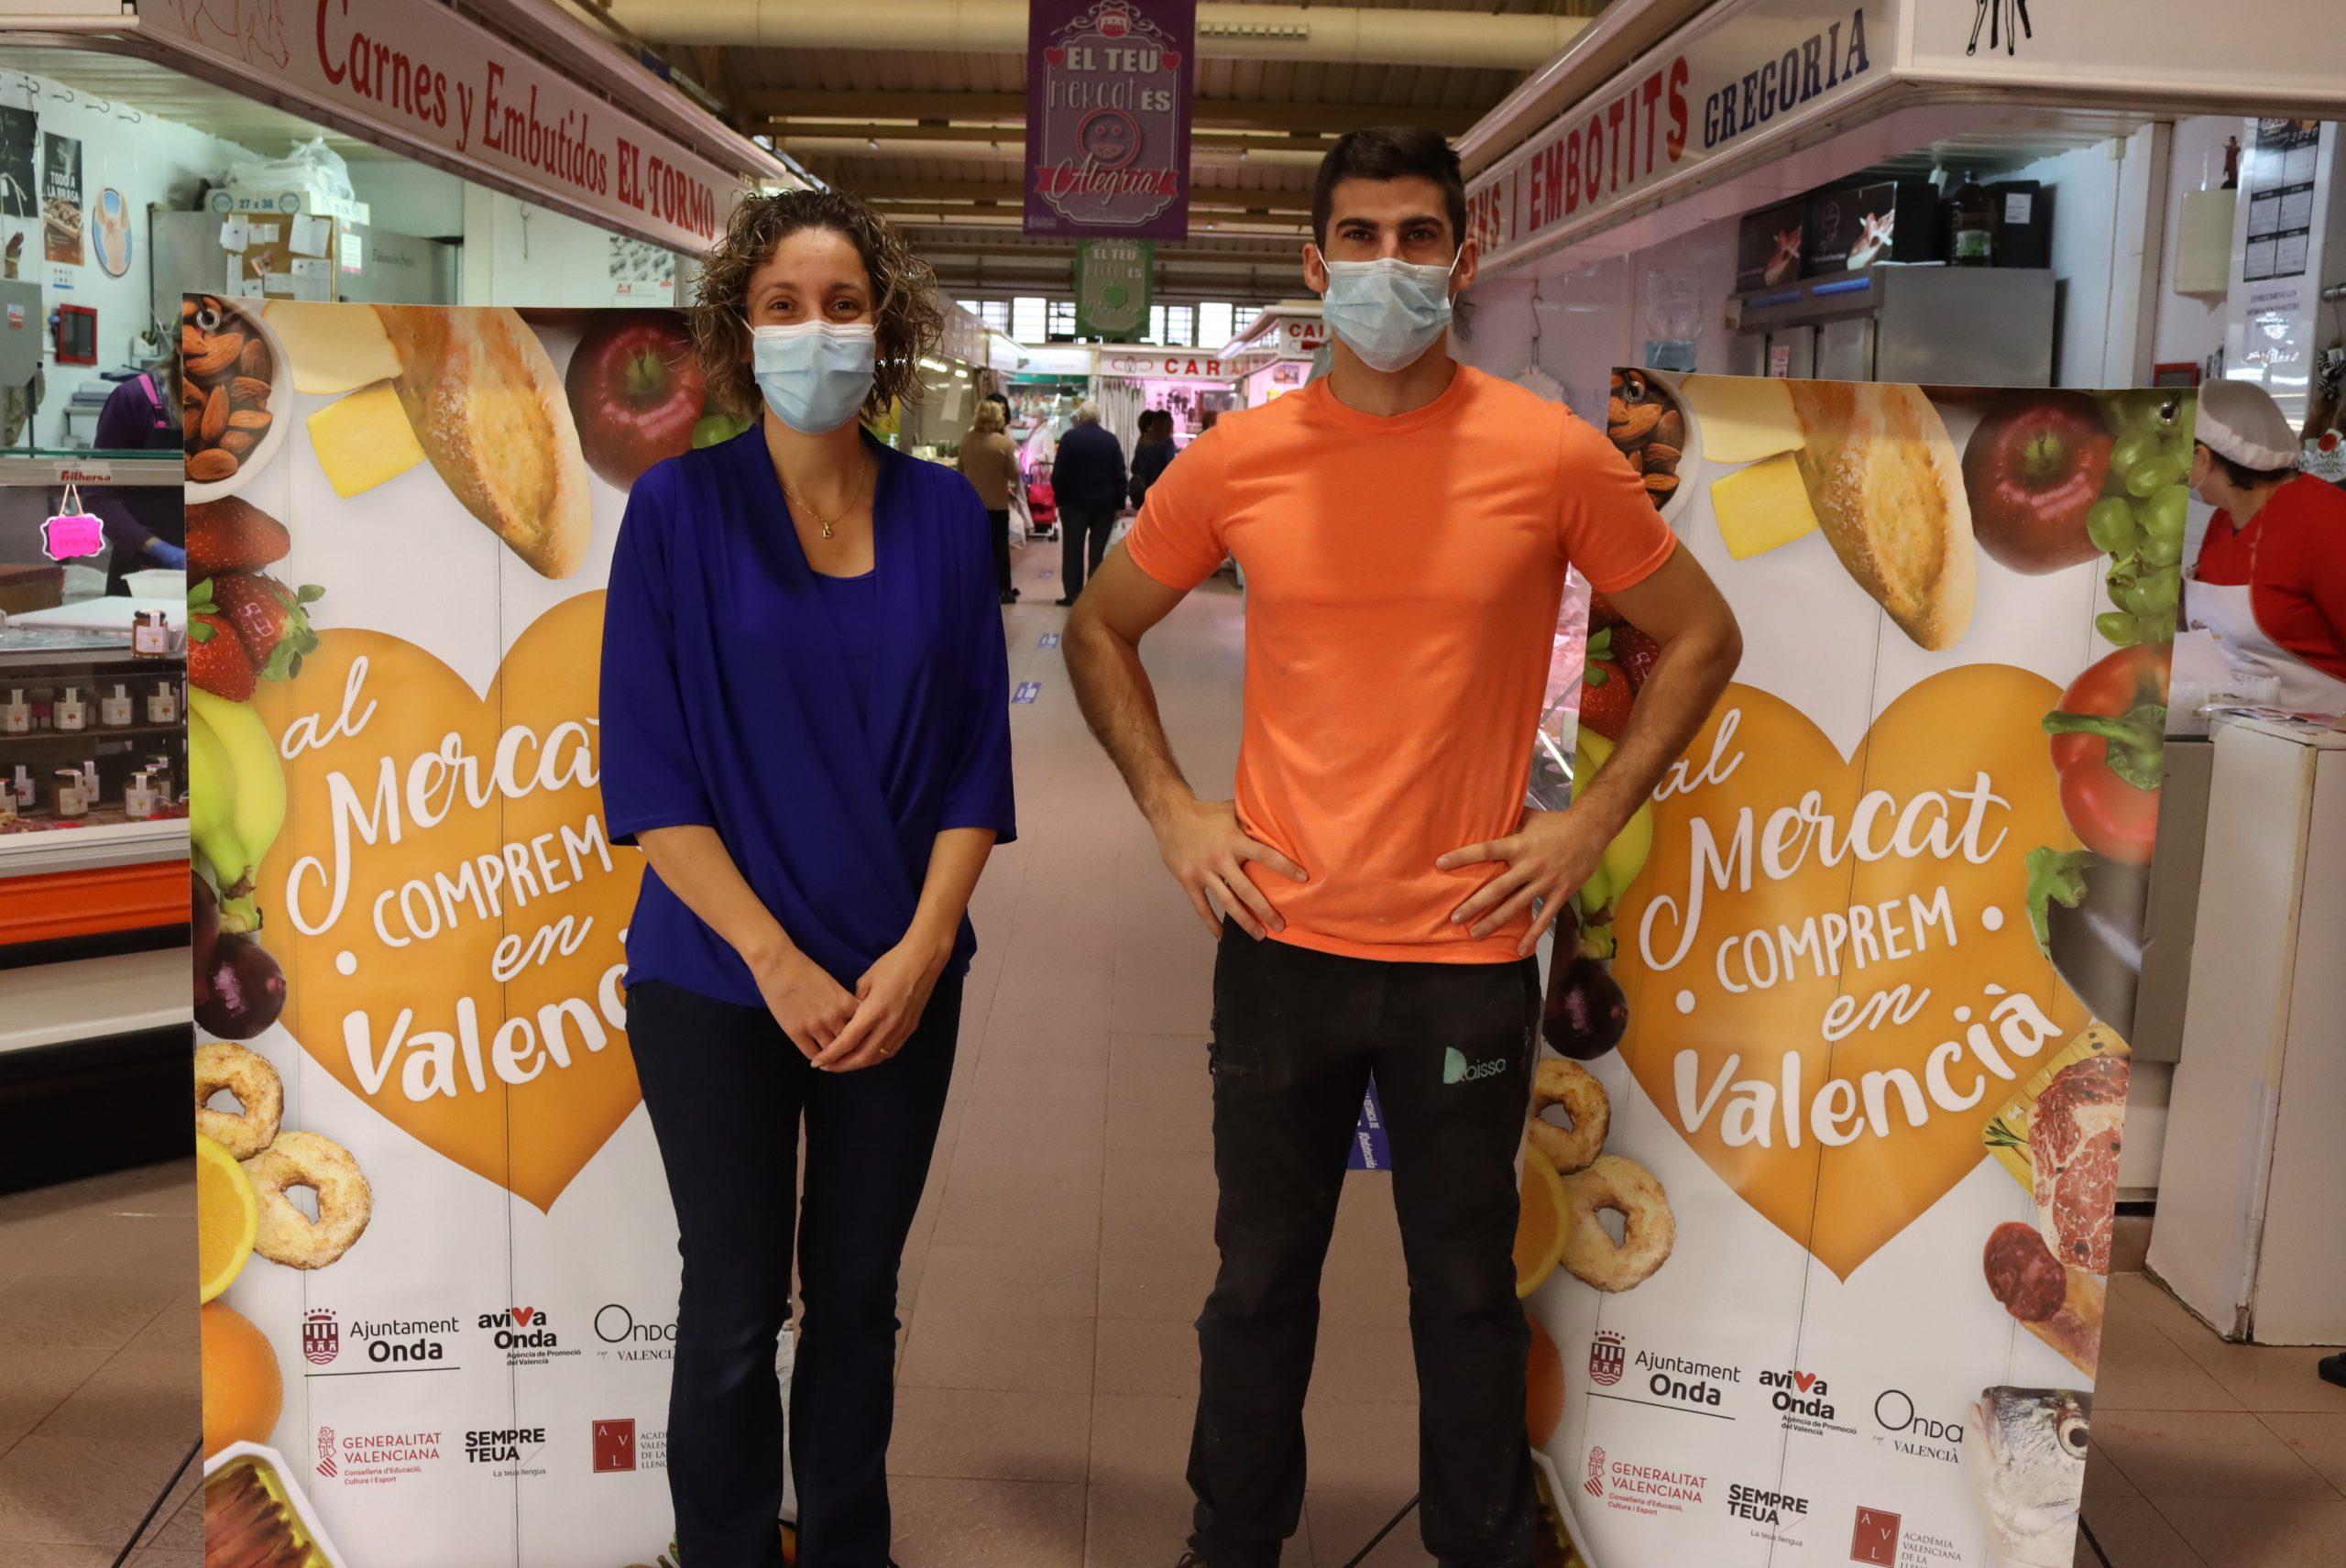 Onda reprén una campanya de promoció del valencià en el Mercat Municipal